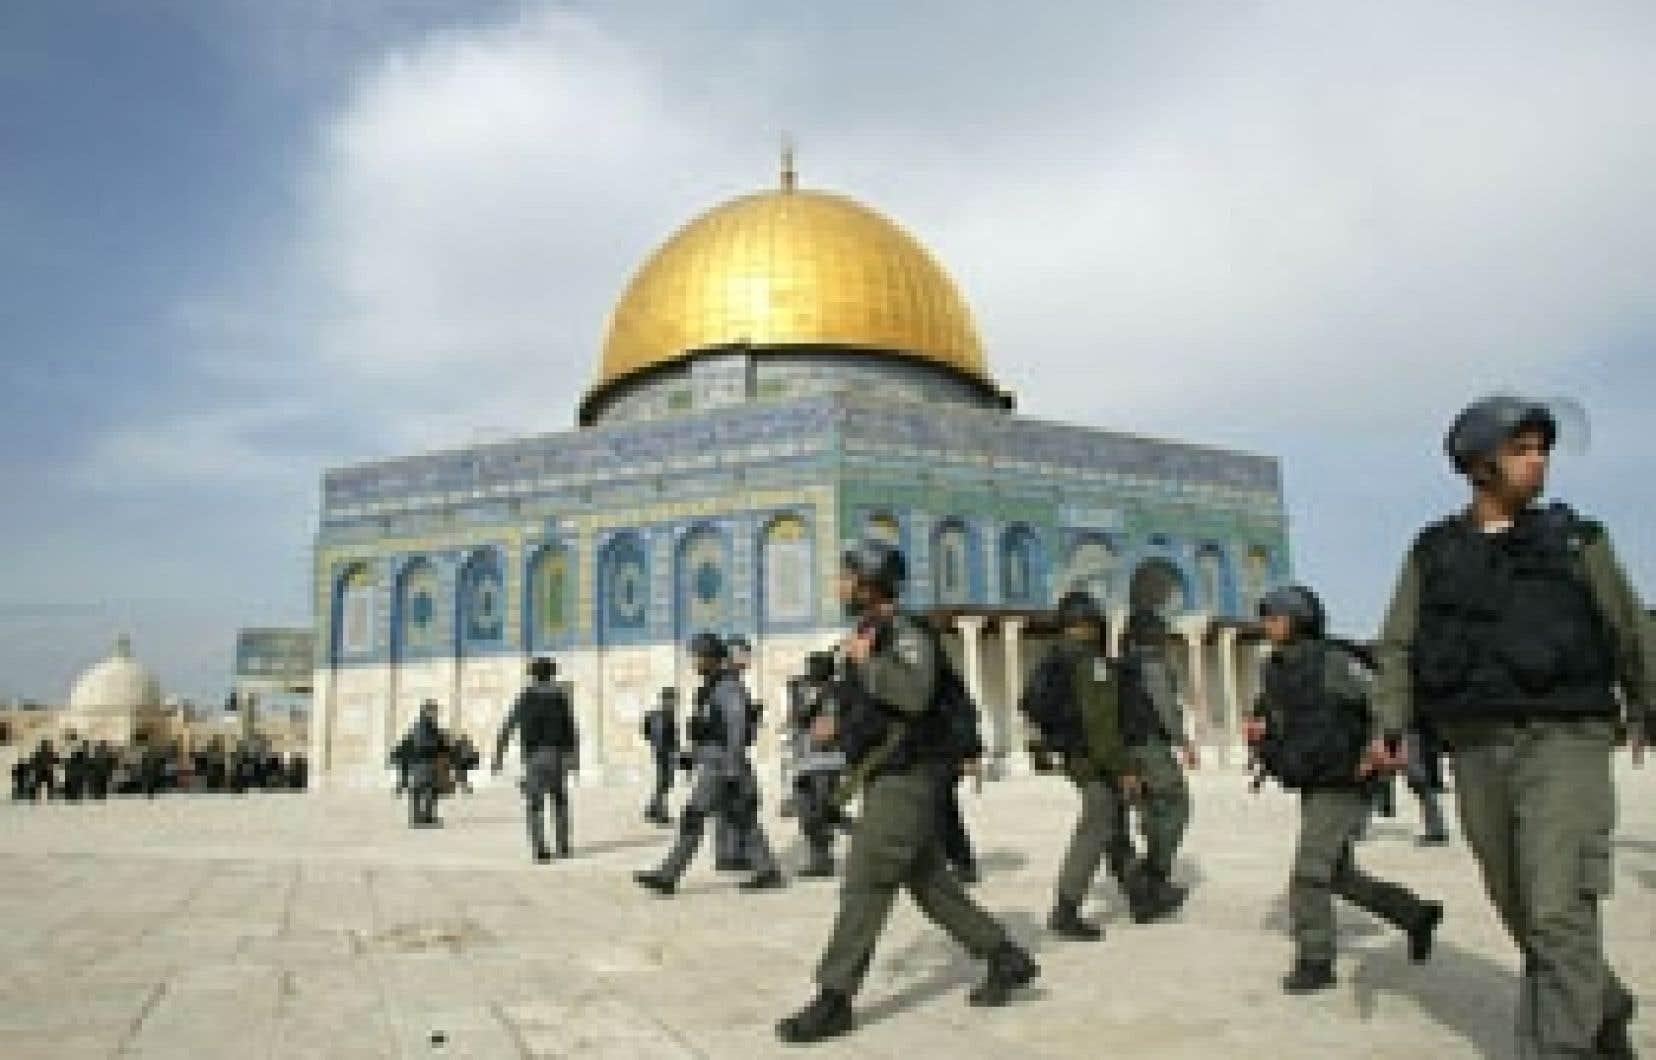 L'armée israélienne a pris position aux abords de la mosquée al-Aqsa.